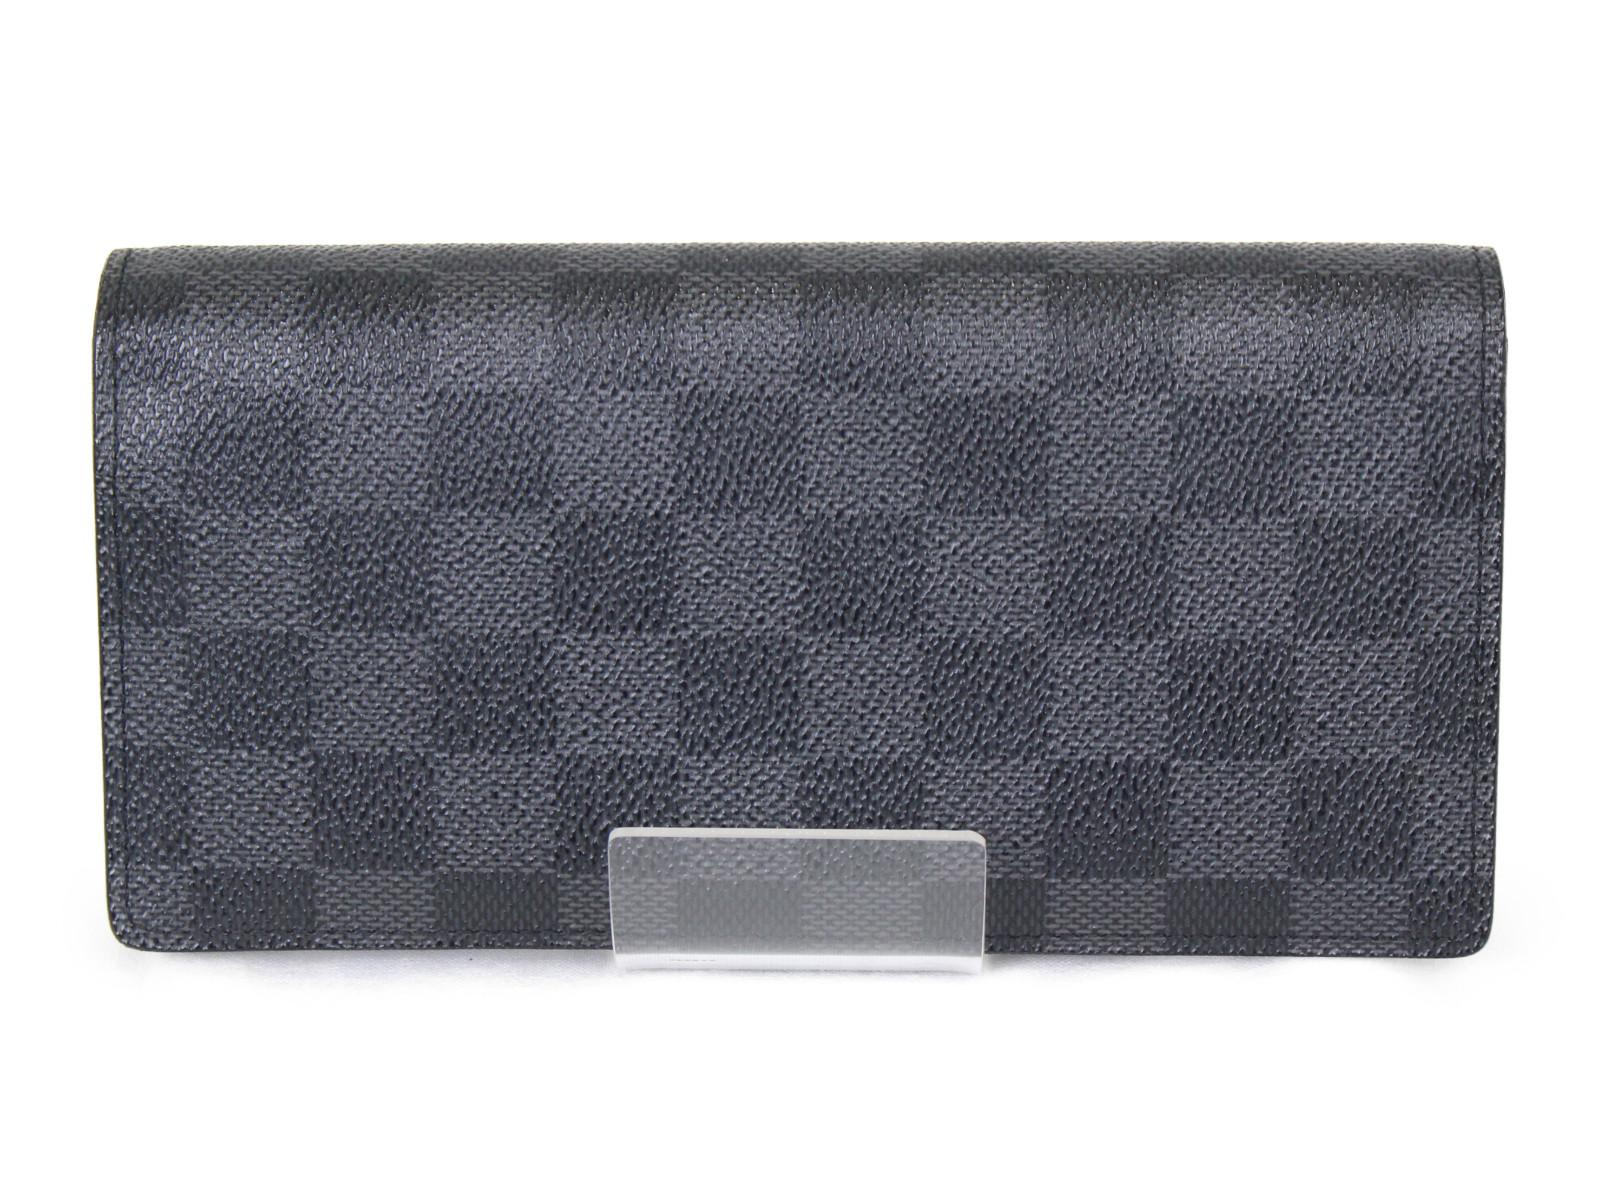 【箱・布袋あり】 LOUIS VUITTON ルイヴィトン ポルトフォイユ・ブラザ N62665 長財布 ダミエグラフィット シンプル メンズ プレゼント包装可 【中古】